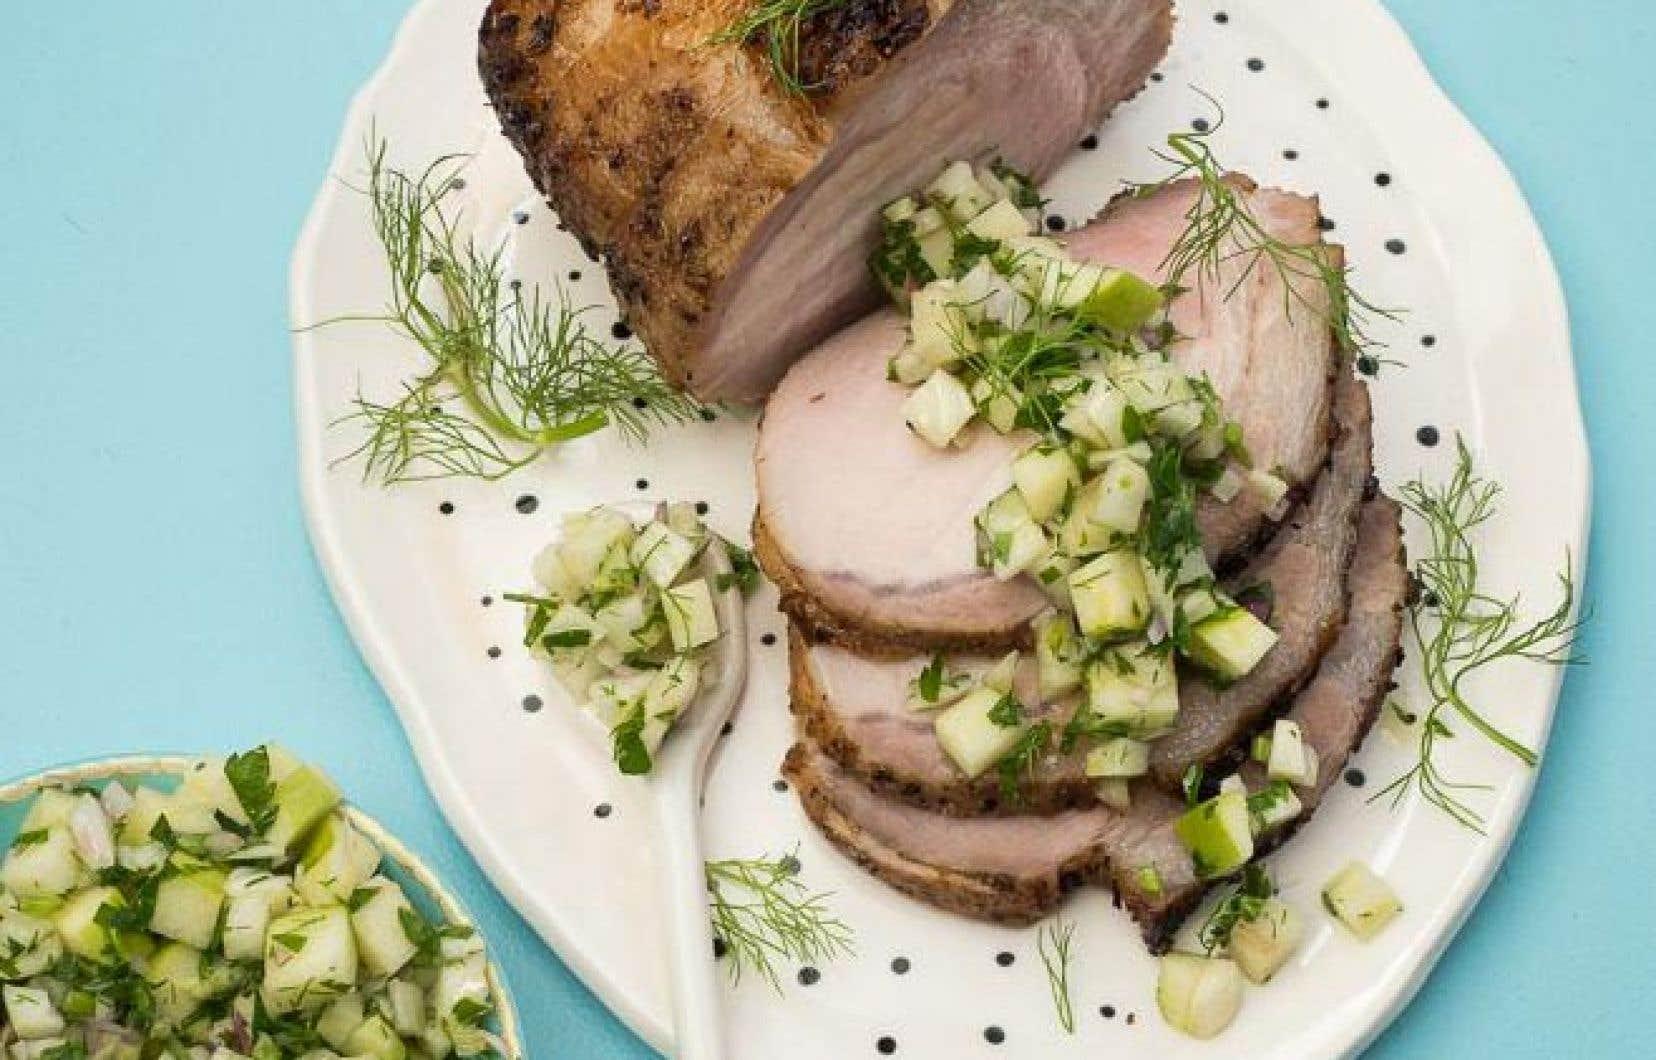 Trancher le porc et servir avec la salsa.